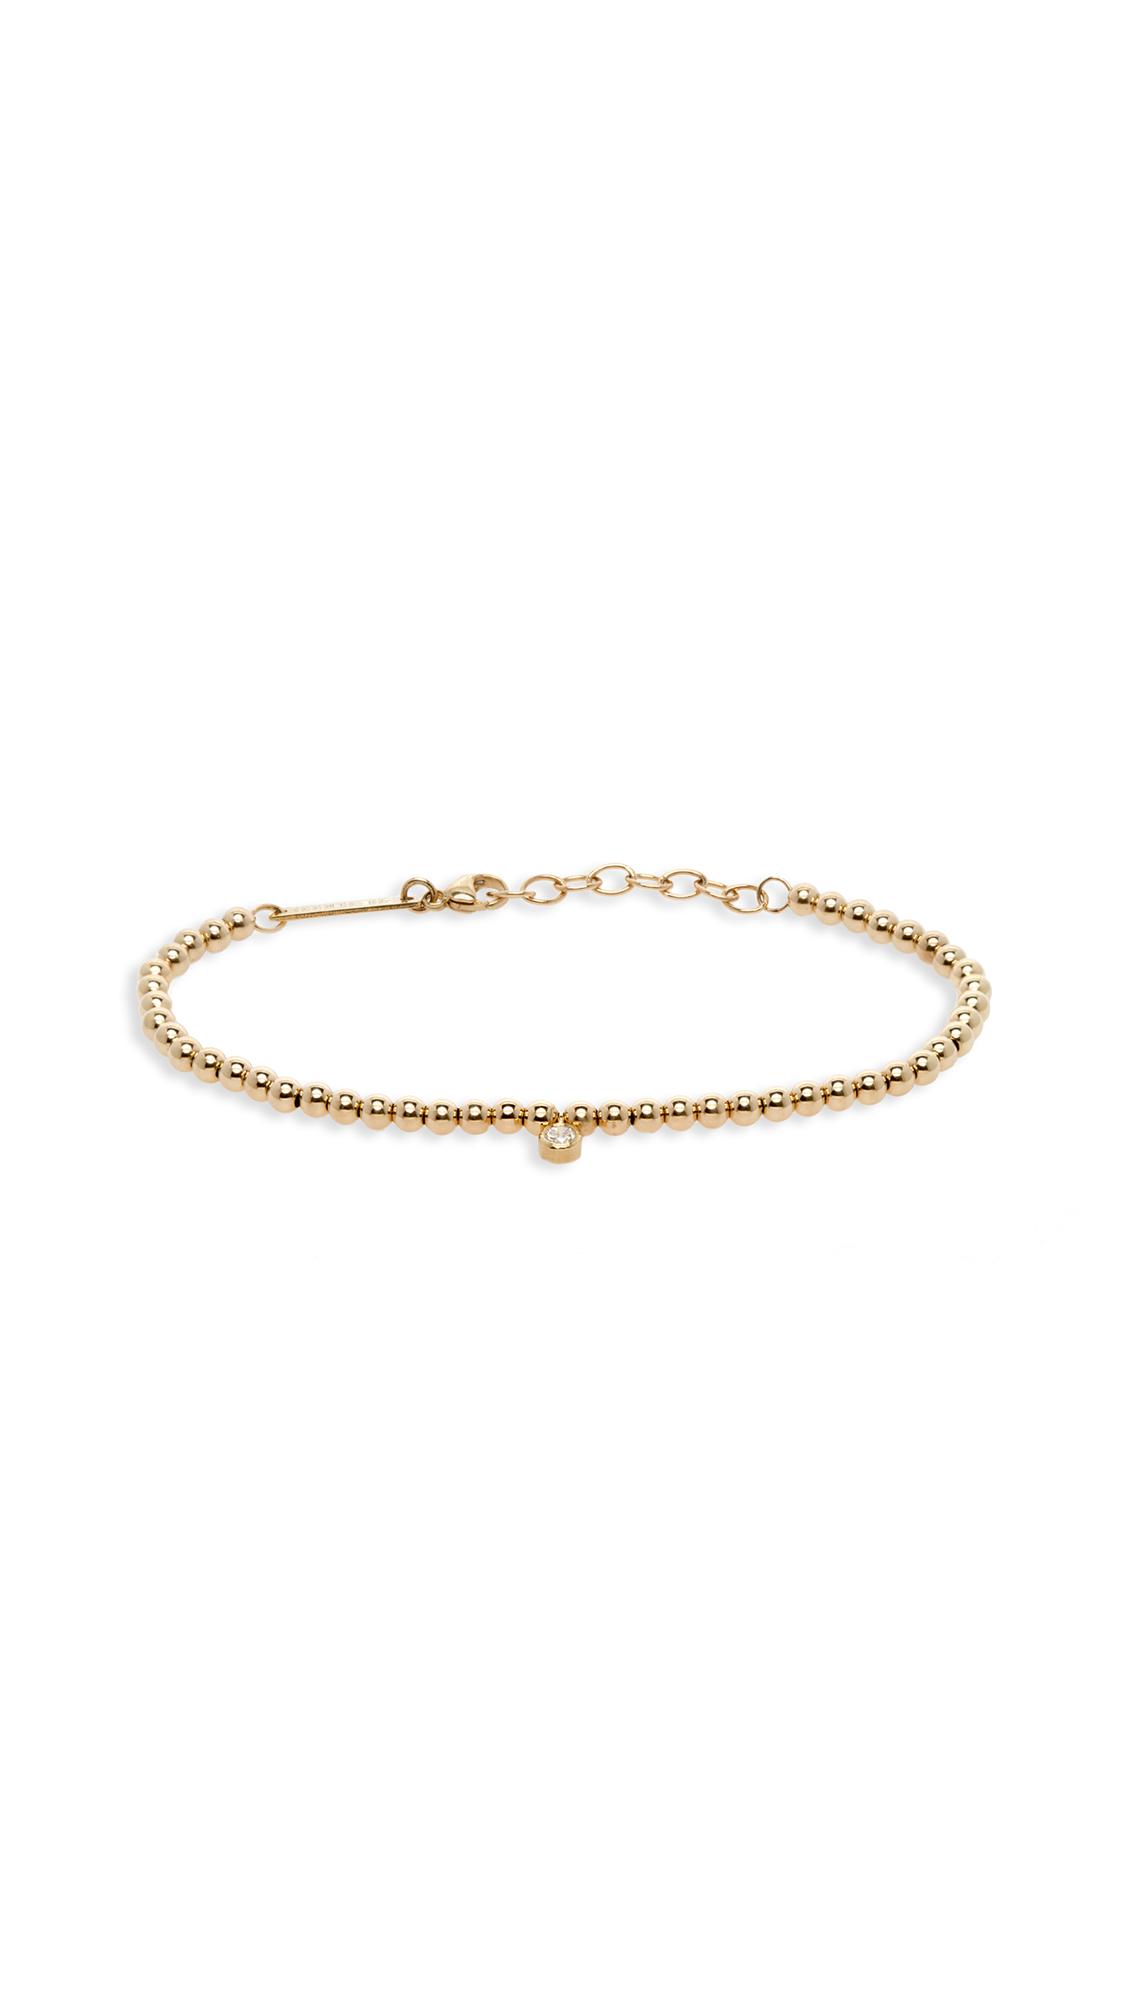 Zoe Chicco 14k Gold Chain Bracelet